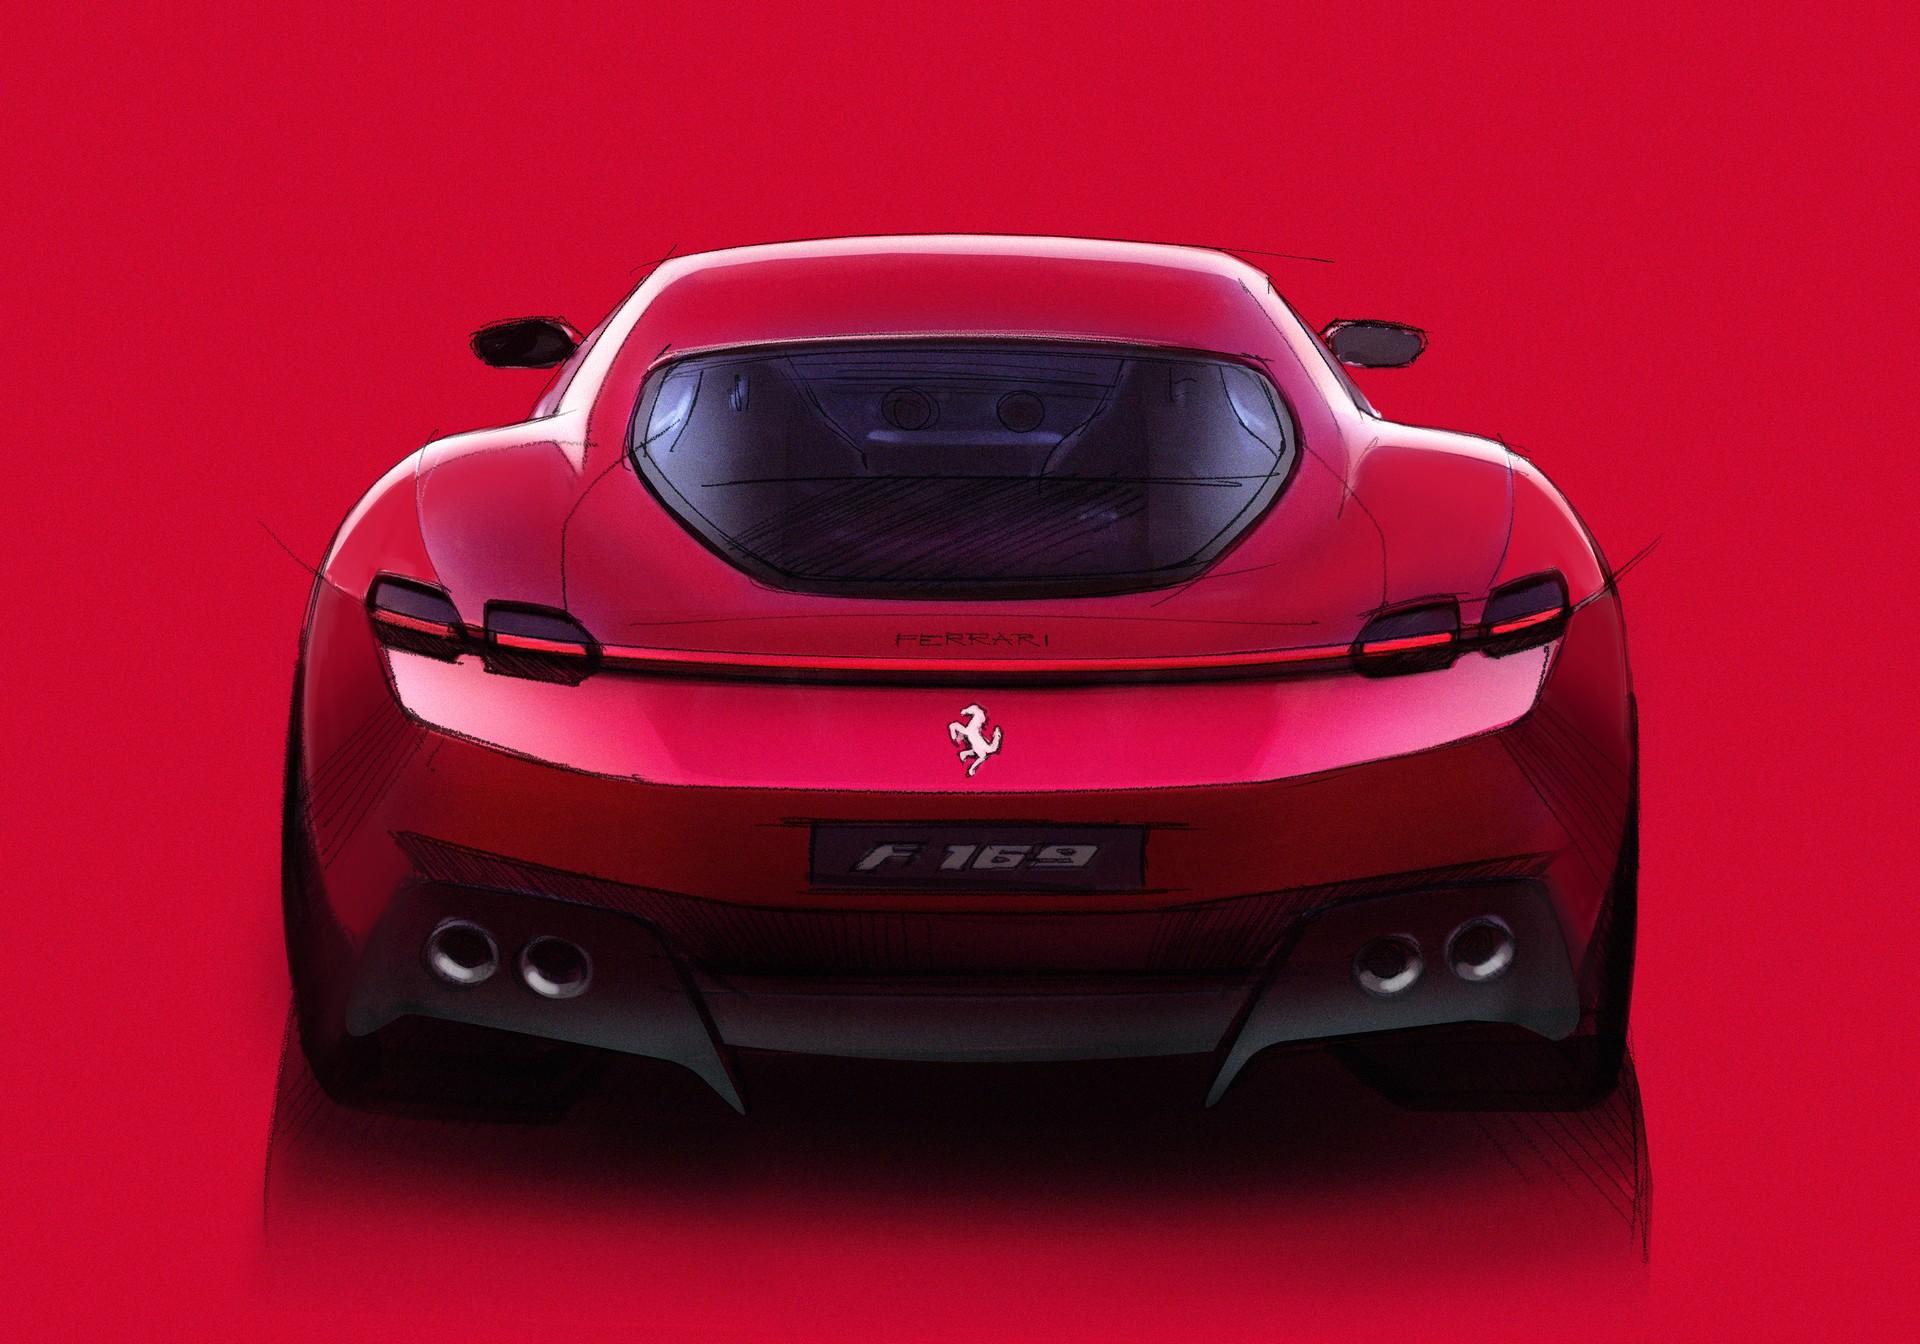 Ferrari công bố chi tiết siêu xe Grand Tourer Roma 612 HP mới - 9